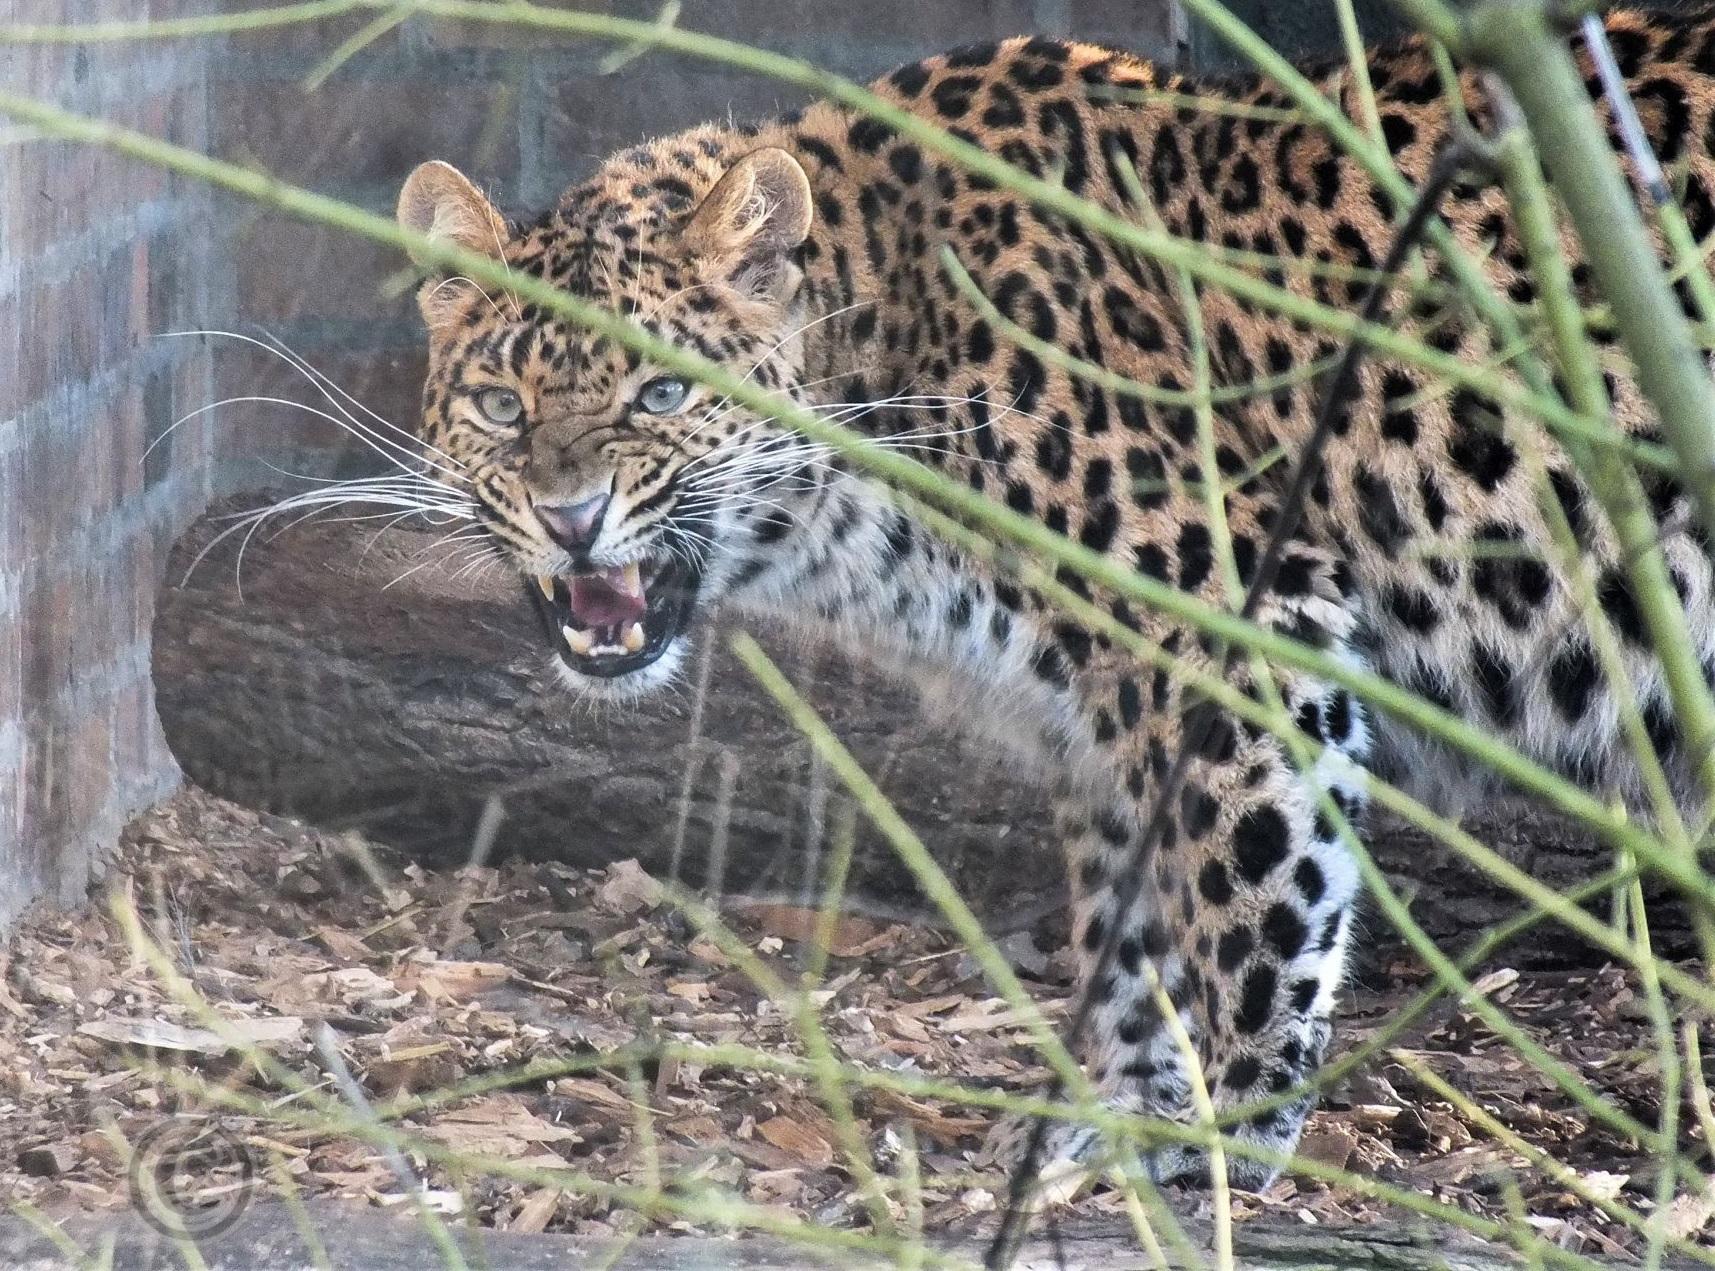 Nachwuchs einer besonders bedrohten Großkatze